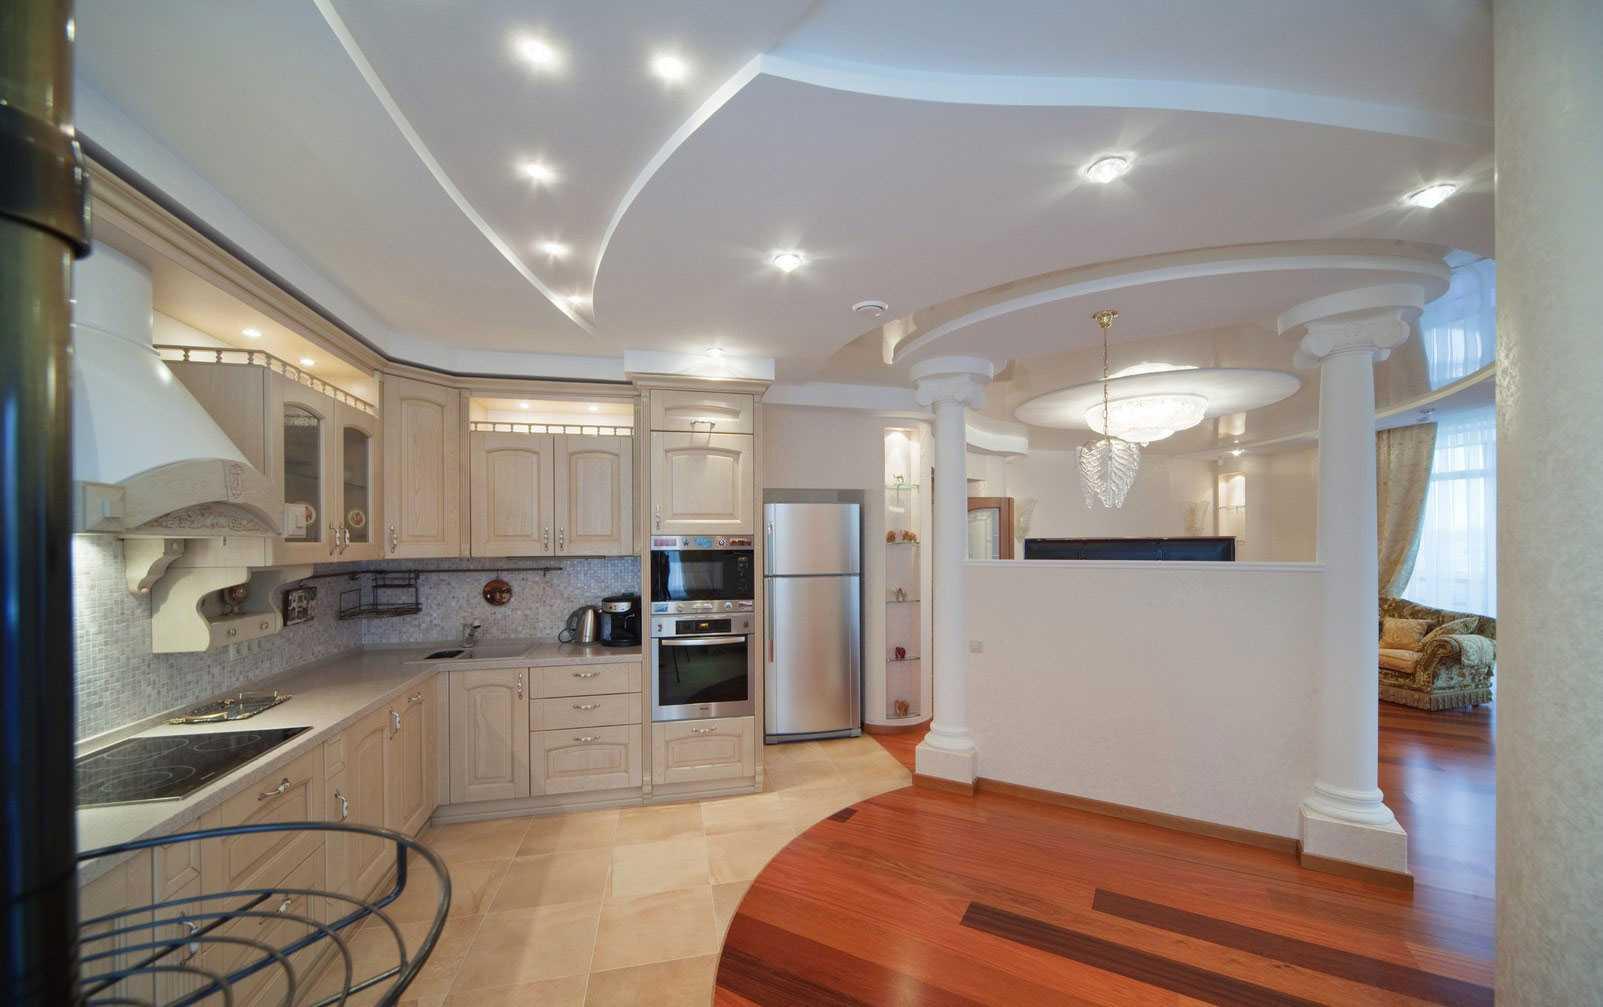 Перегородки между кухней и гостиной: зонирование с помощью раздвижных стеклянных изделий, красивый дизайн разделения из гипсокартона